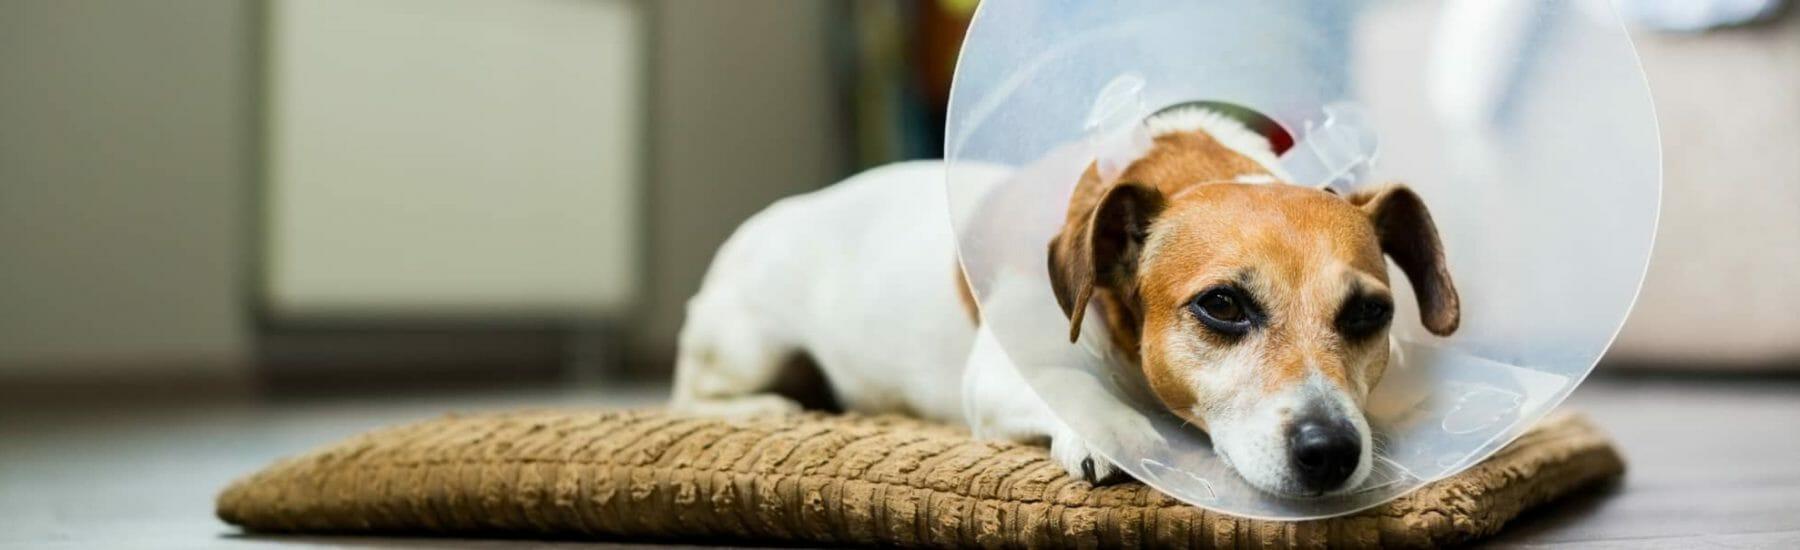 Orange dog with surgical mask